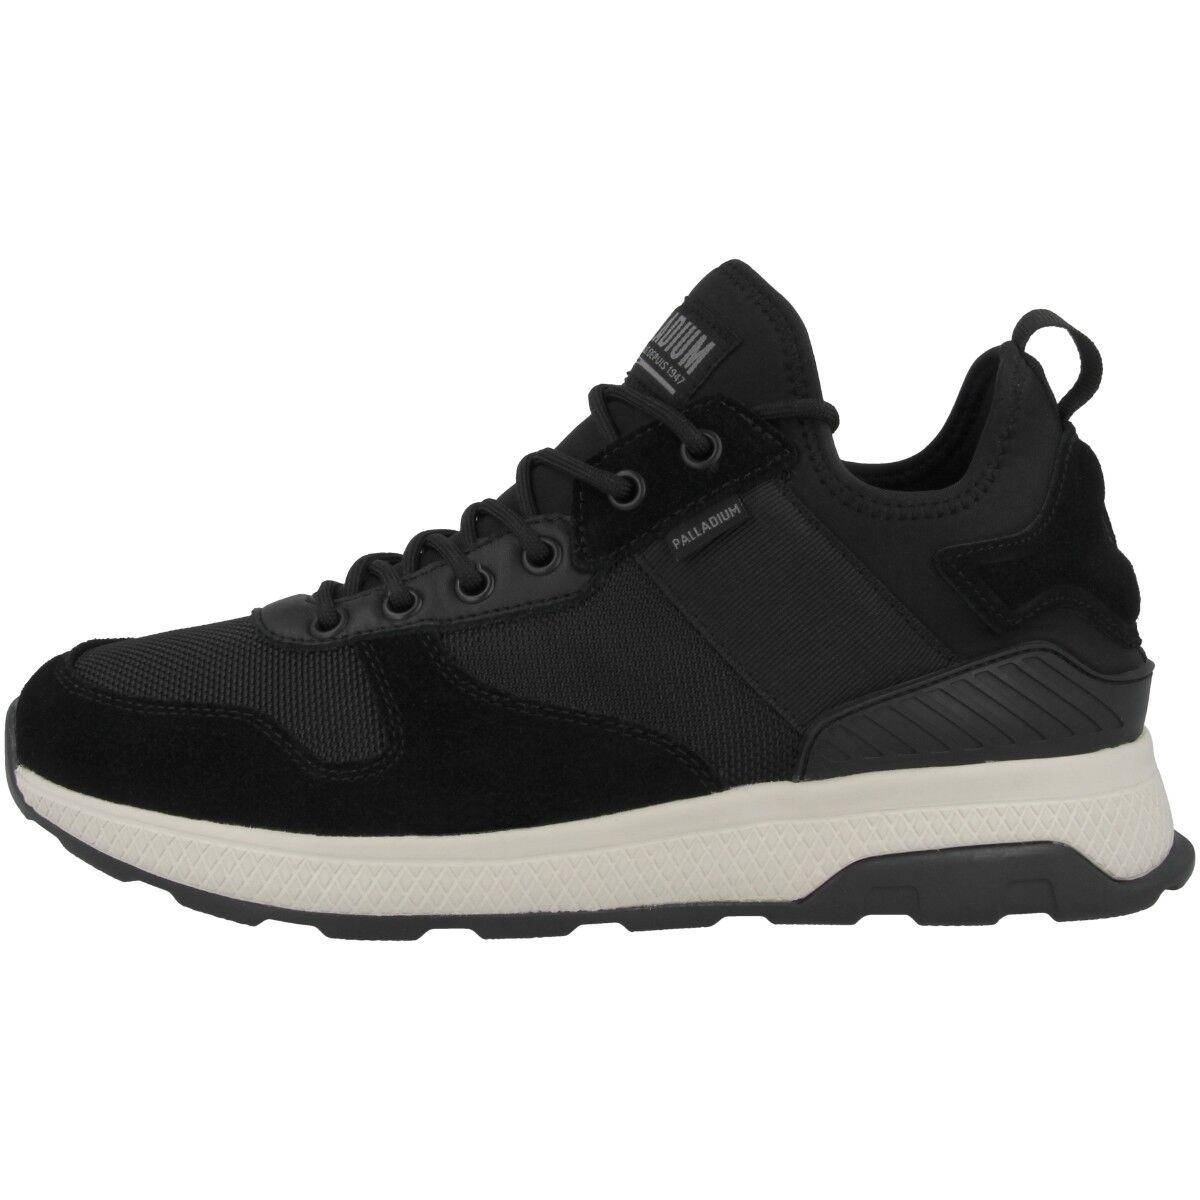 Palladium AX_EON Army Runner Schuhe Men Freizeit Sport Sneaker schwarz 05682-001